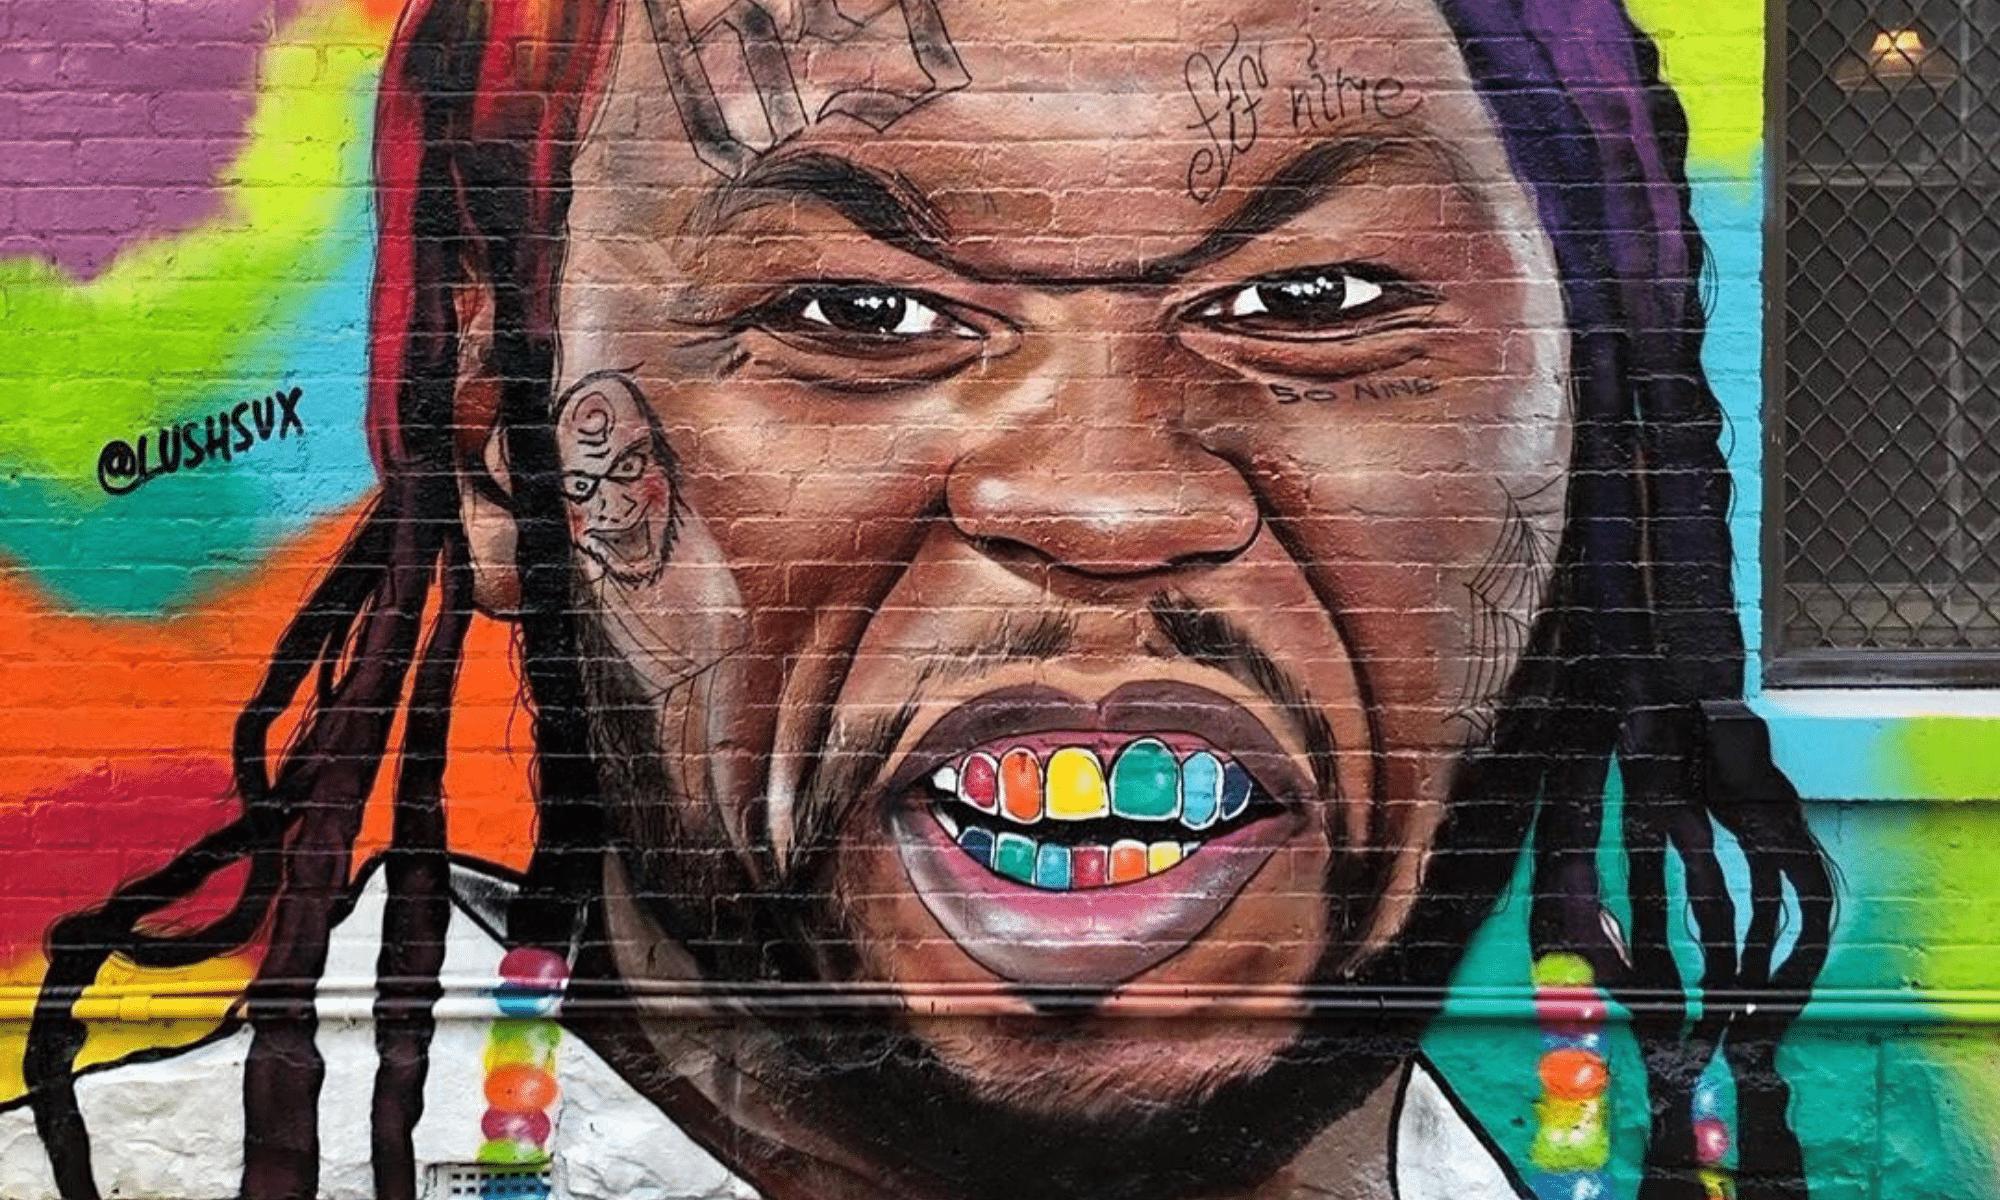 50 cent 6ix9ine graffiti